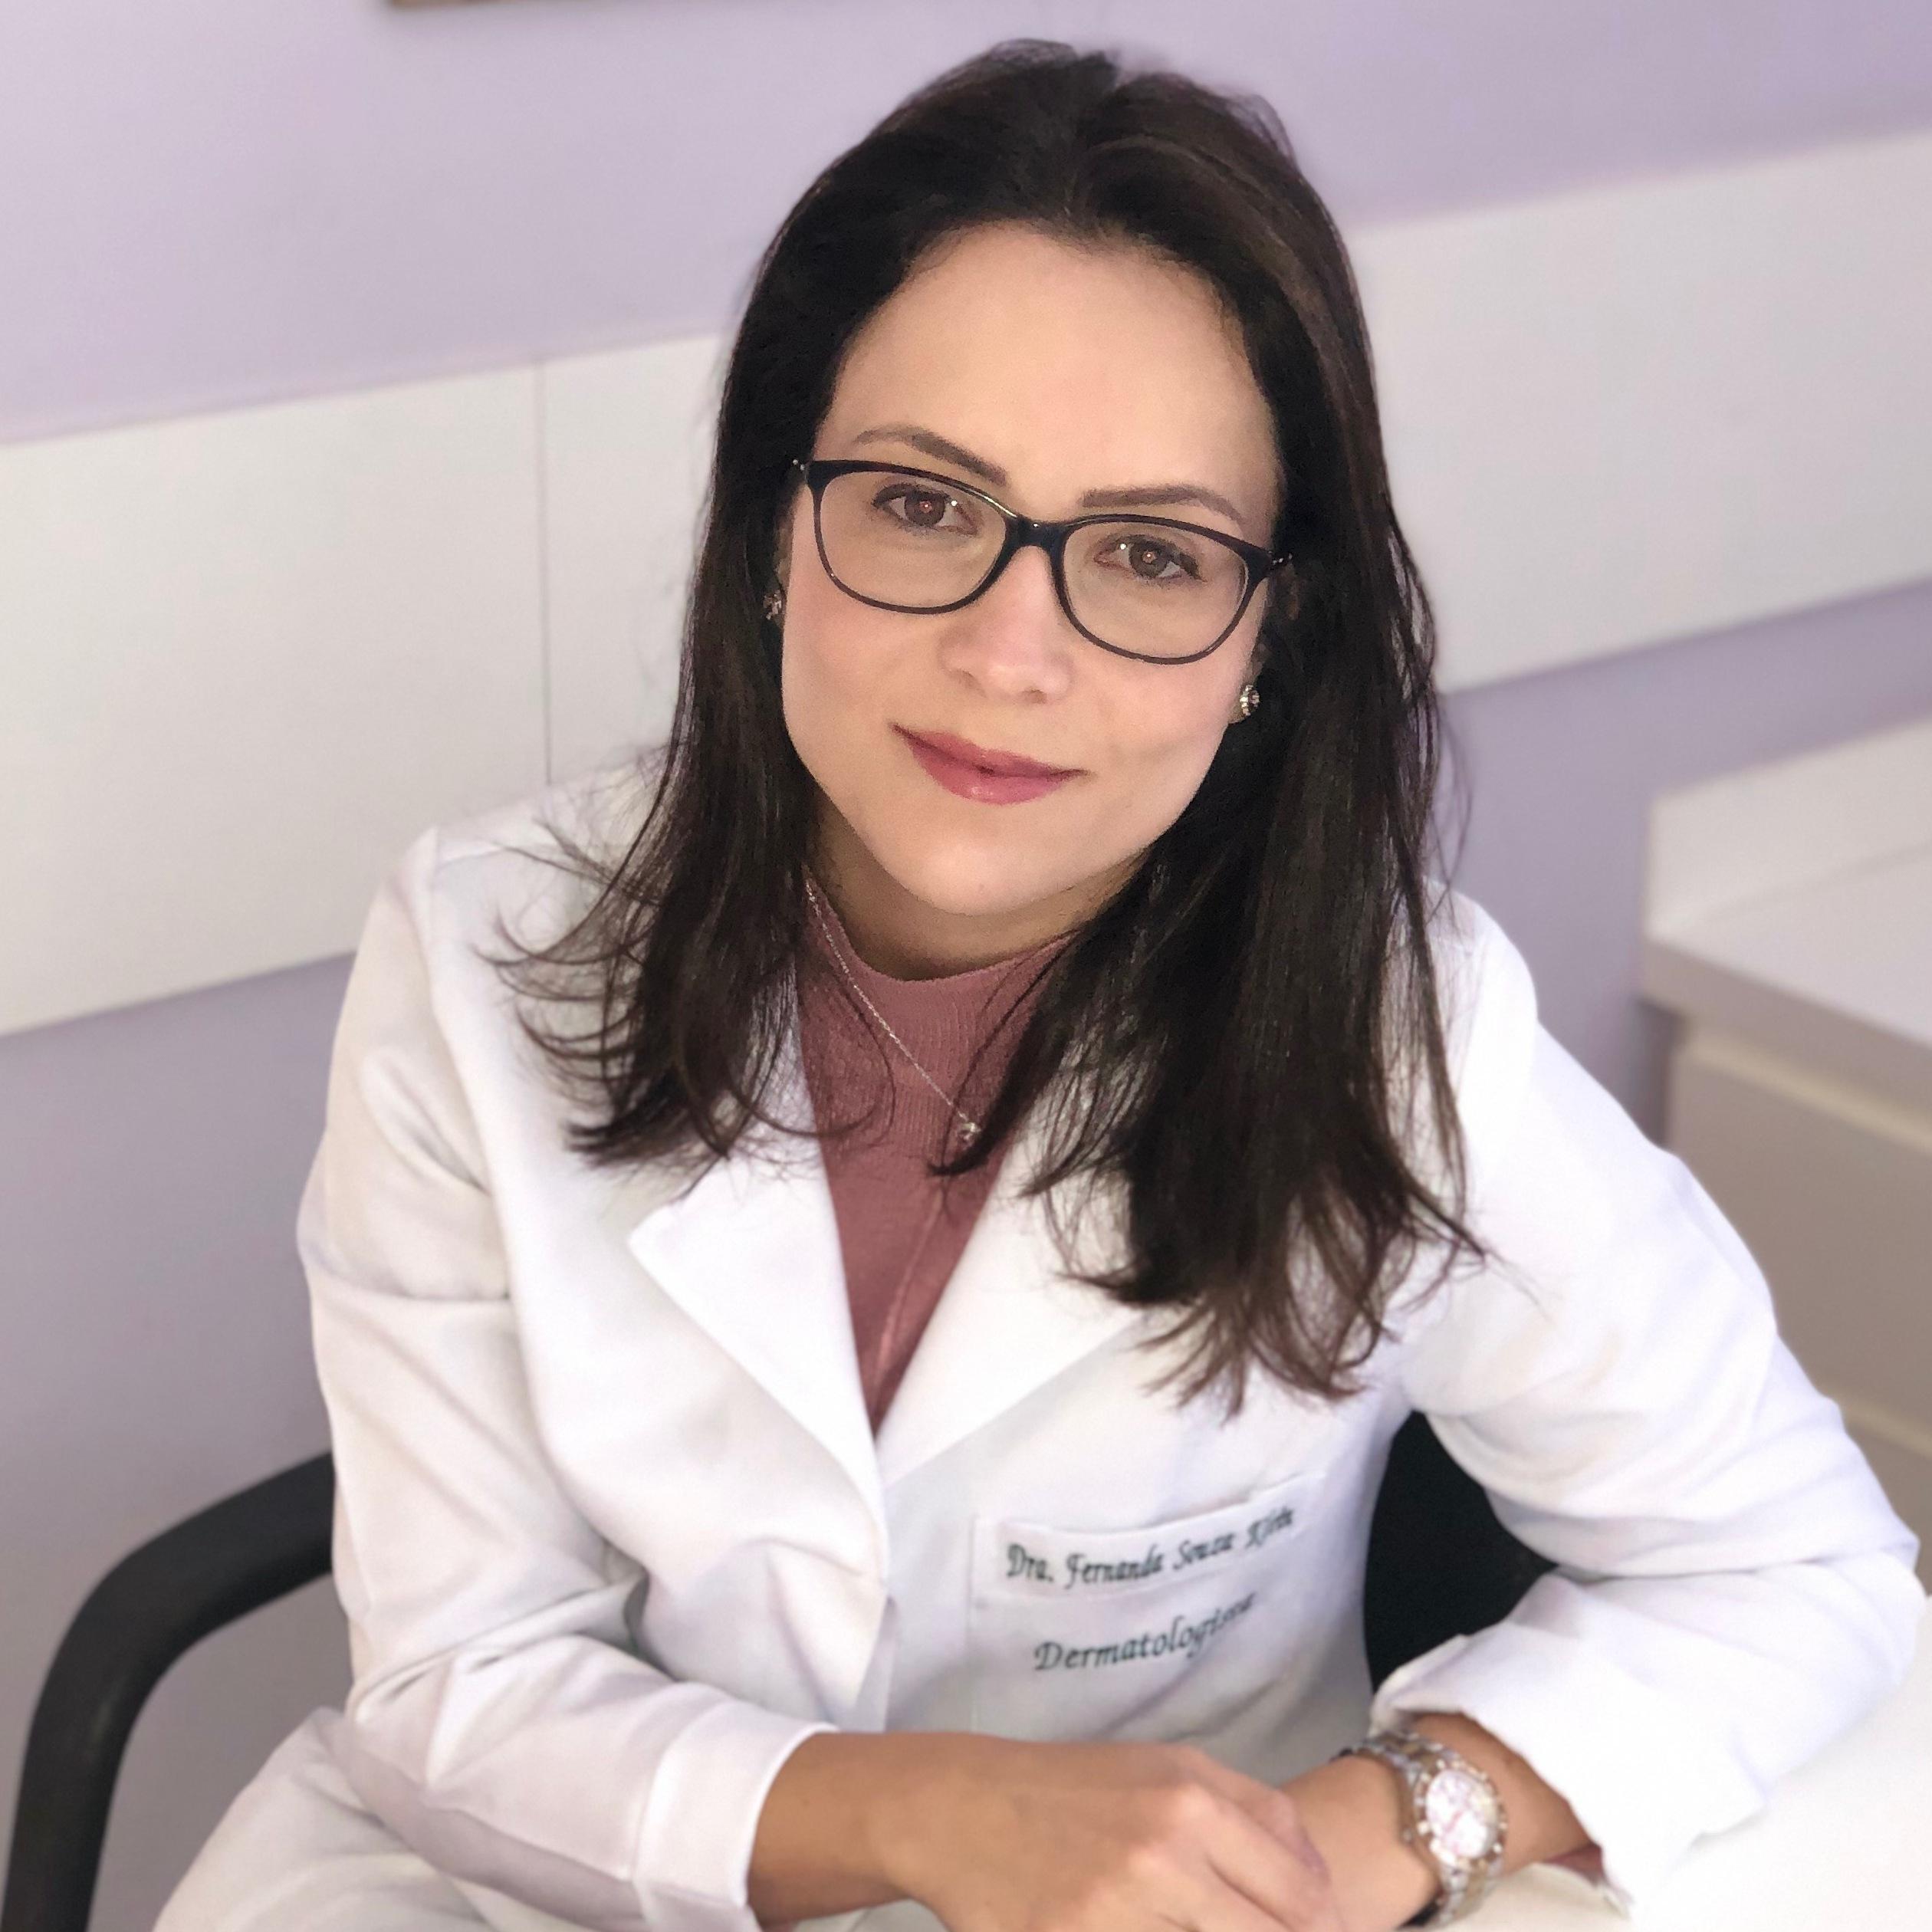 Fernanda Homem de Mello de Souza Klein